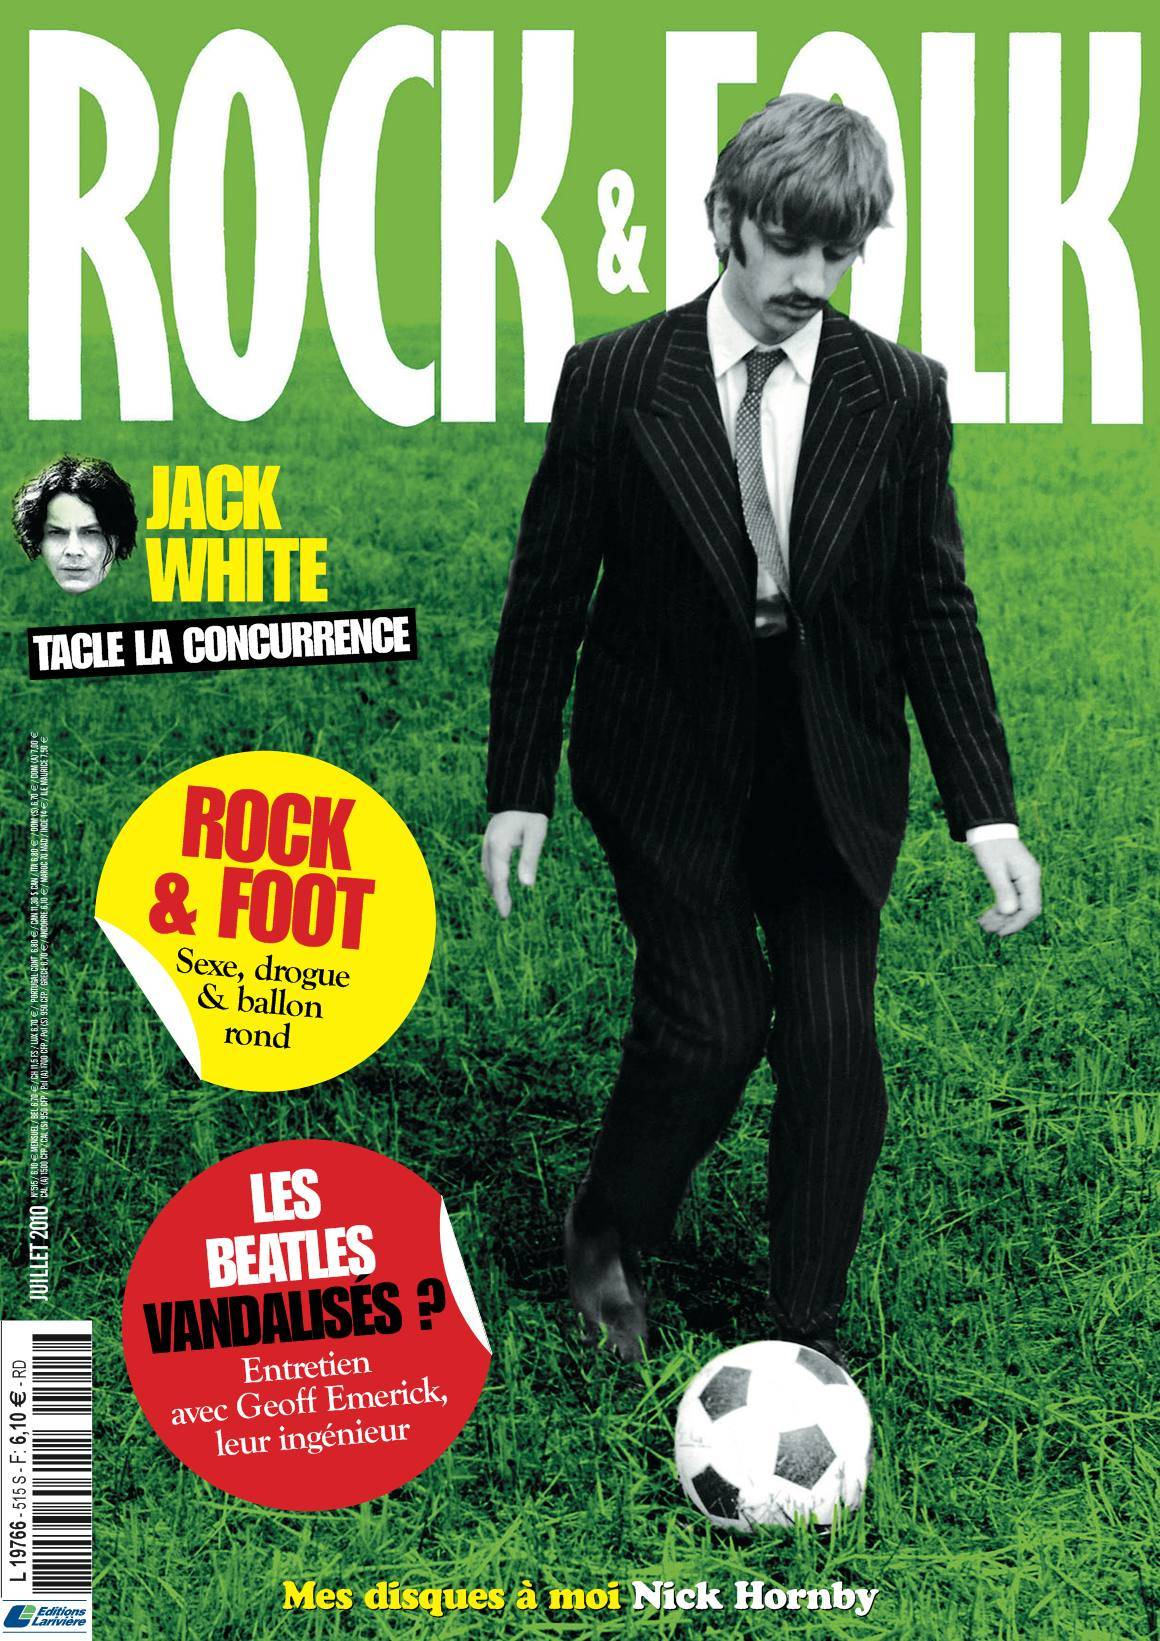 rock-et-folk_0515.